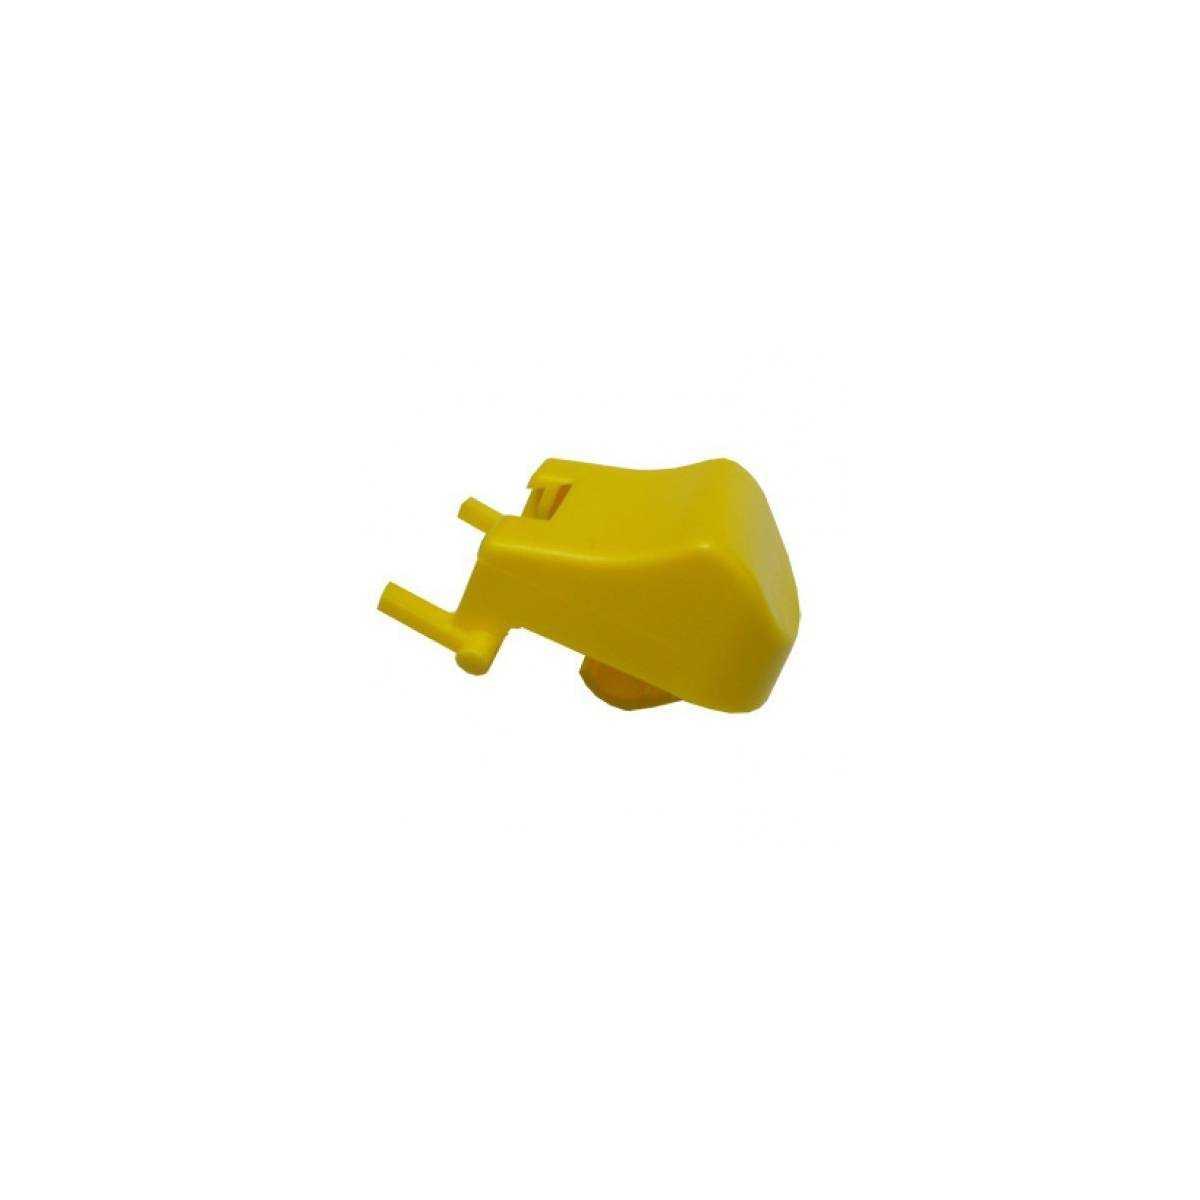 Кнопка желтая для основы S030569 TTS